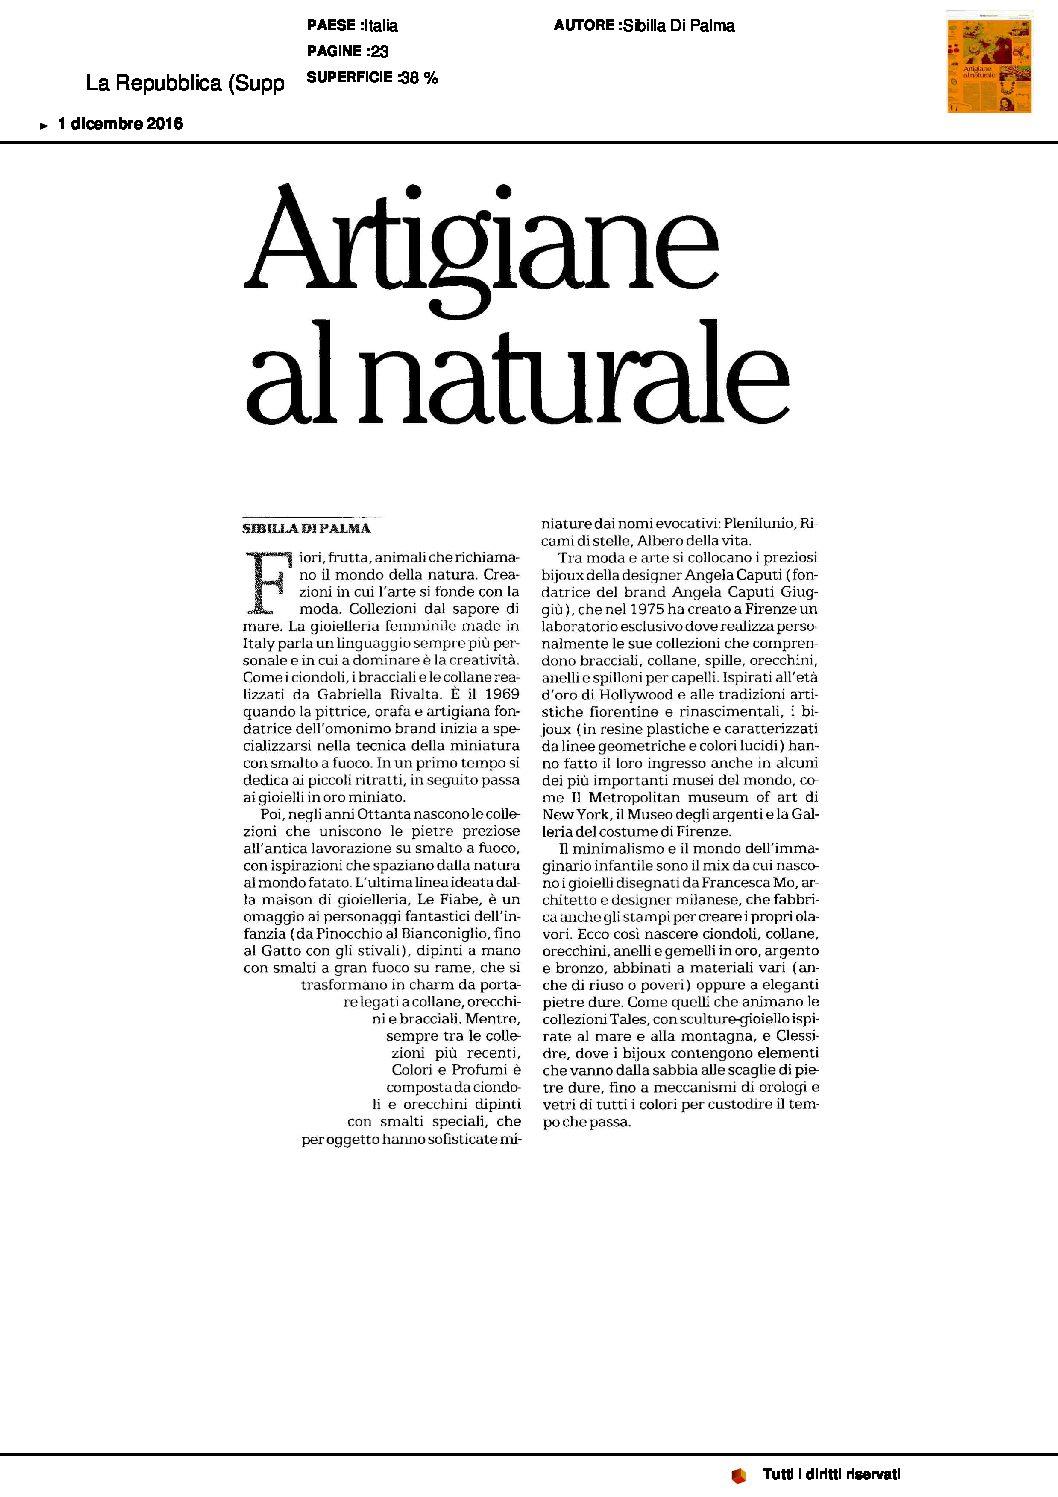 La Repubblica (Supplemento) – 2016